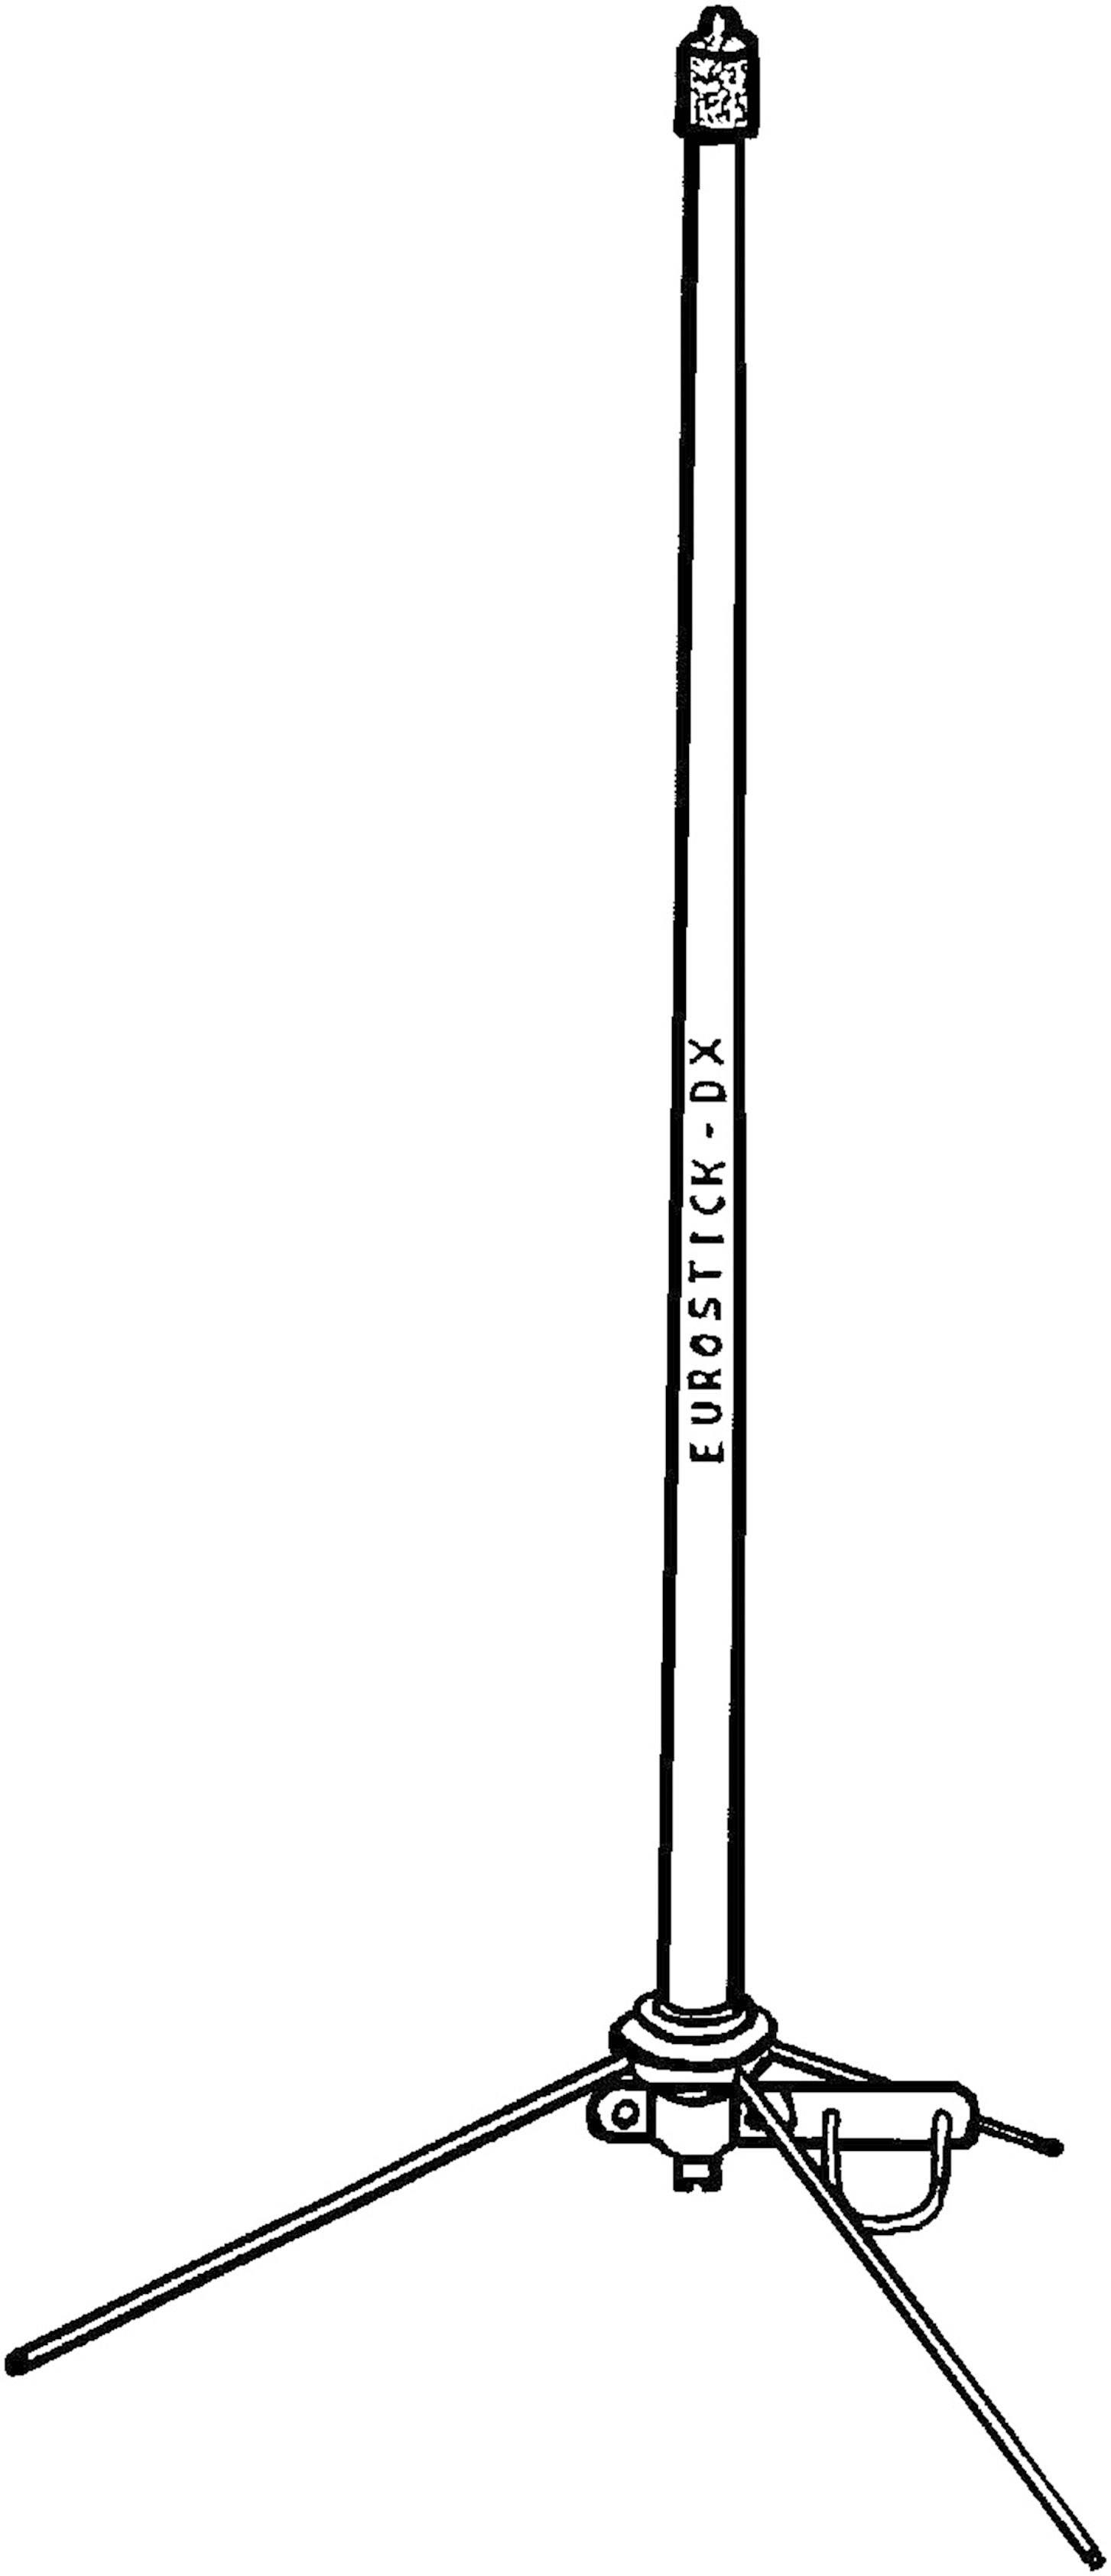 Scanner anténa stacionárna Albrecht 6164 Eurostick DX